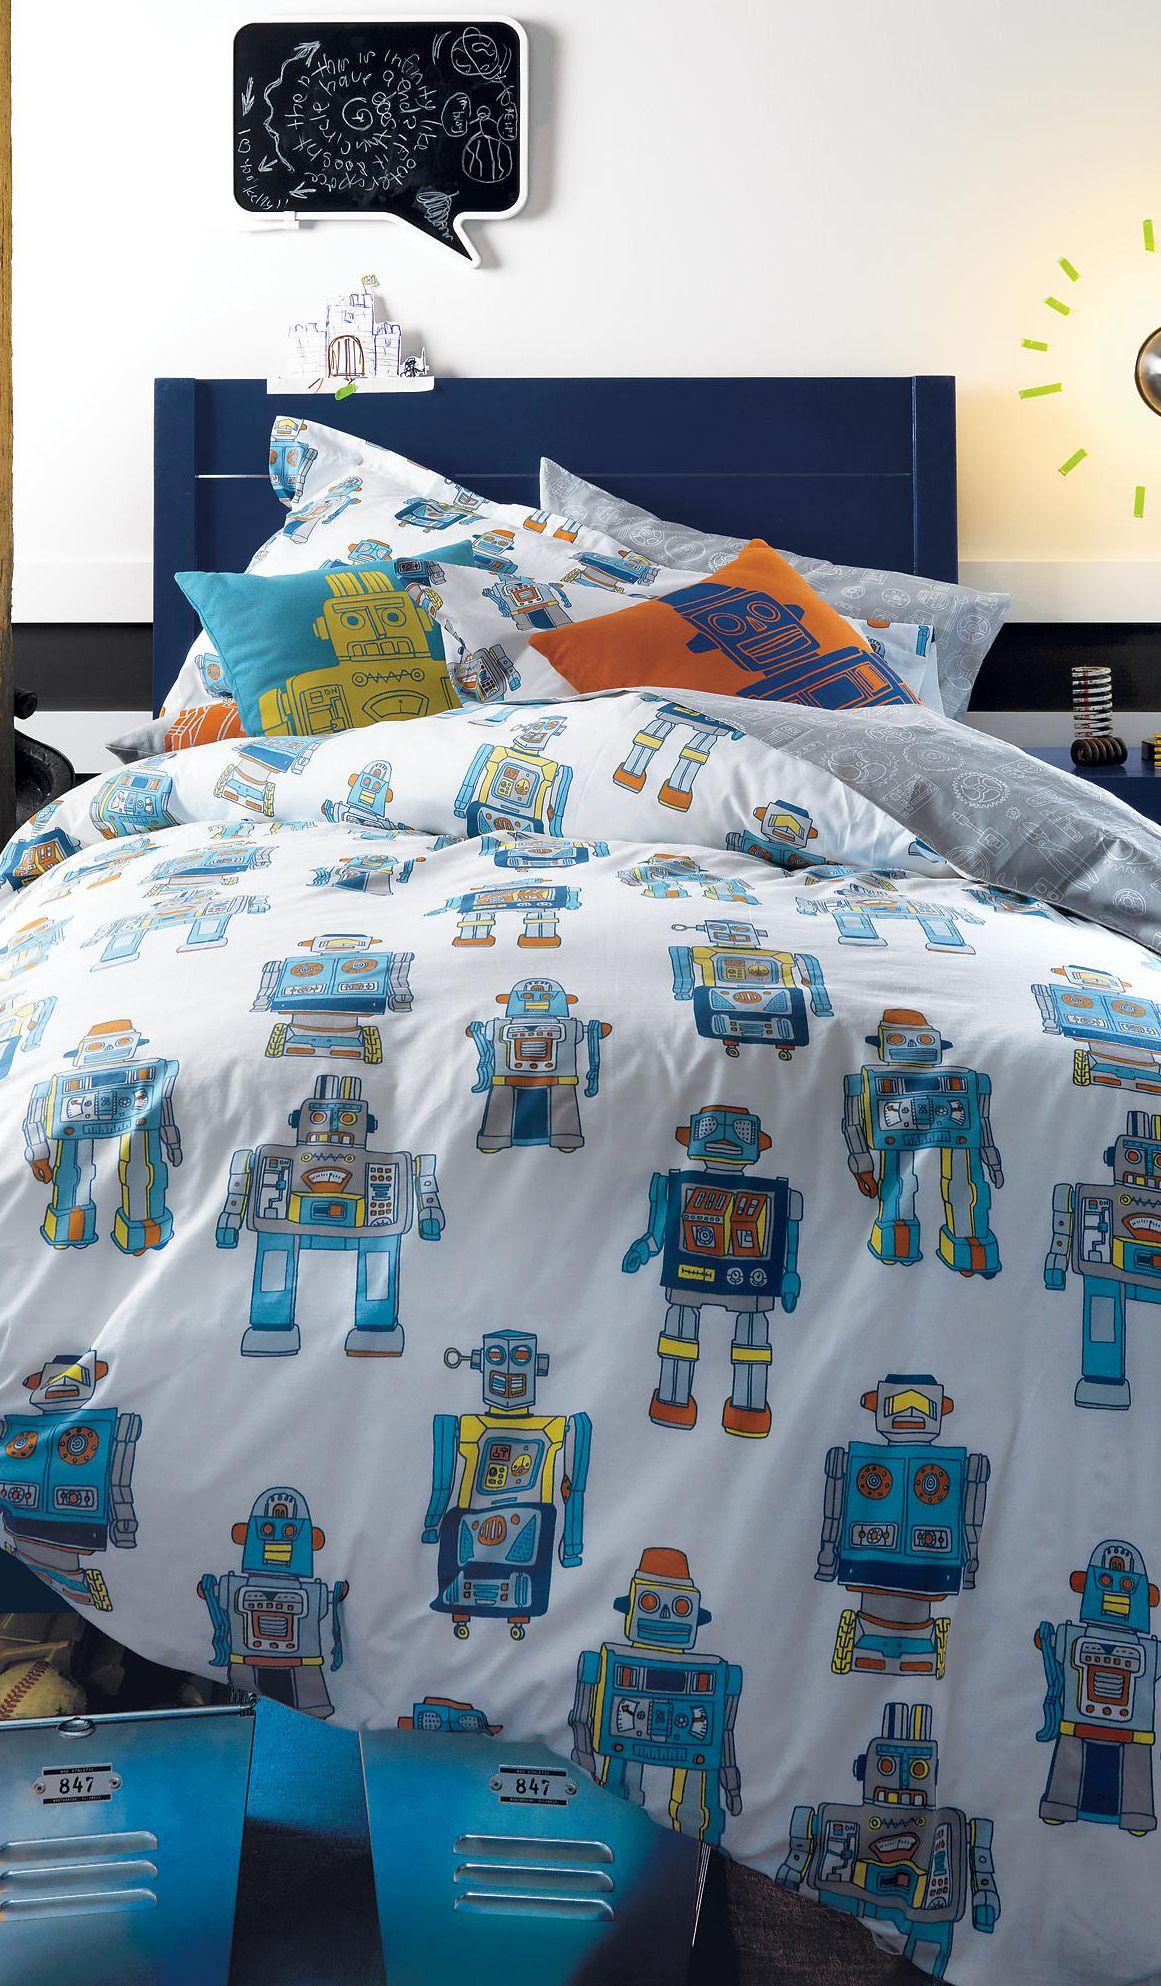 robot bedding  boys bedrooms boys bedding  room decor  - robot bedding